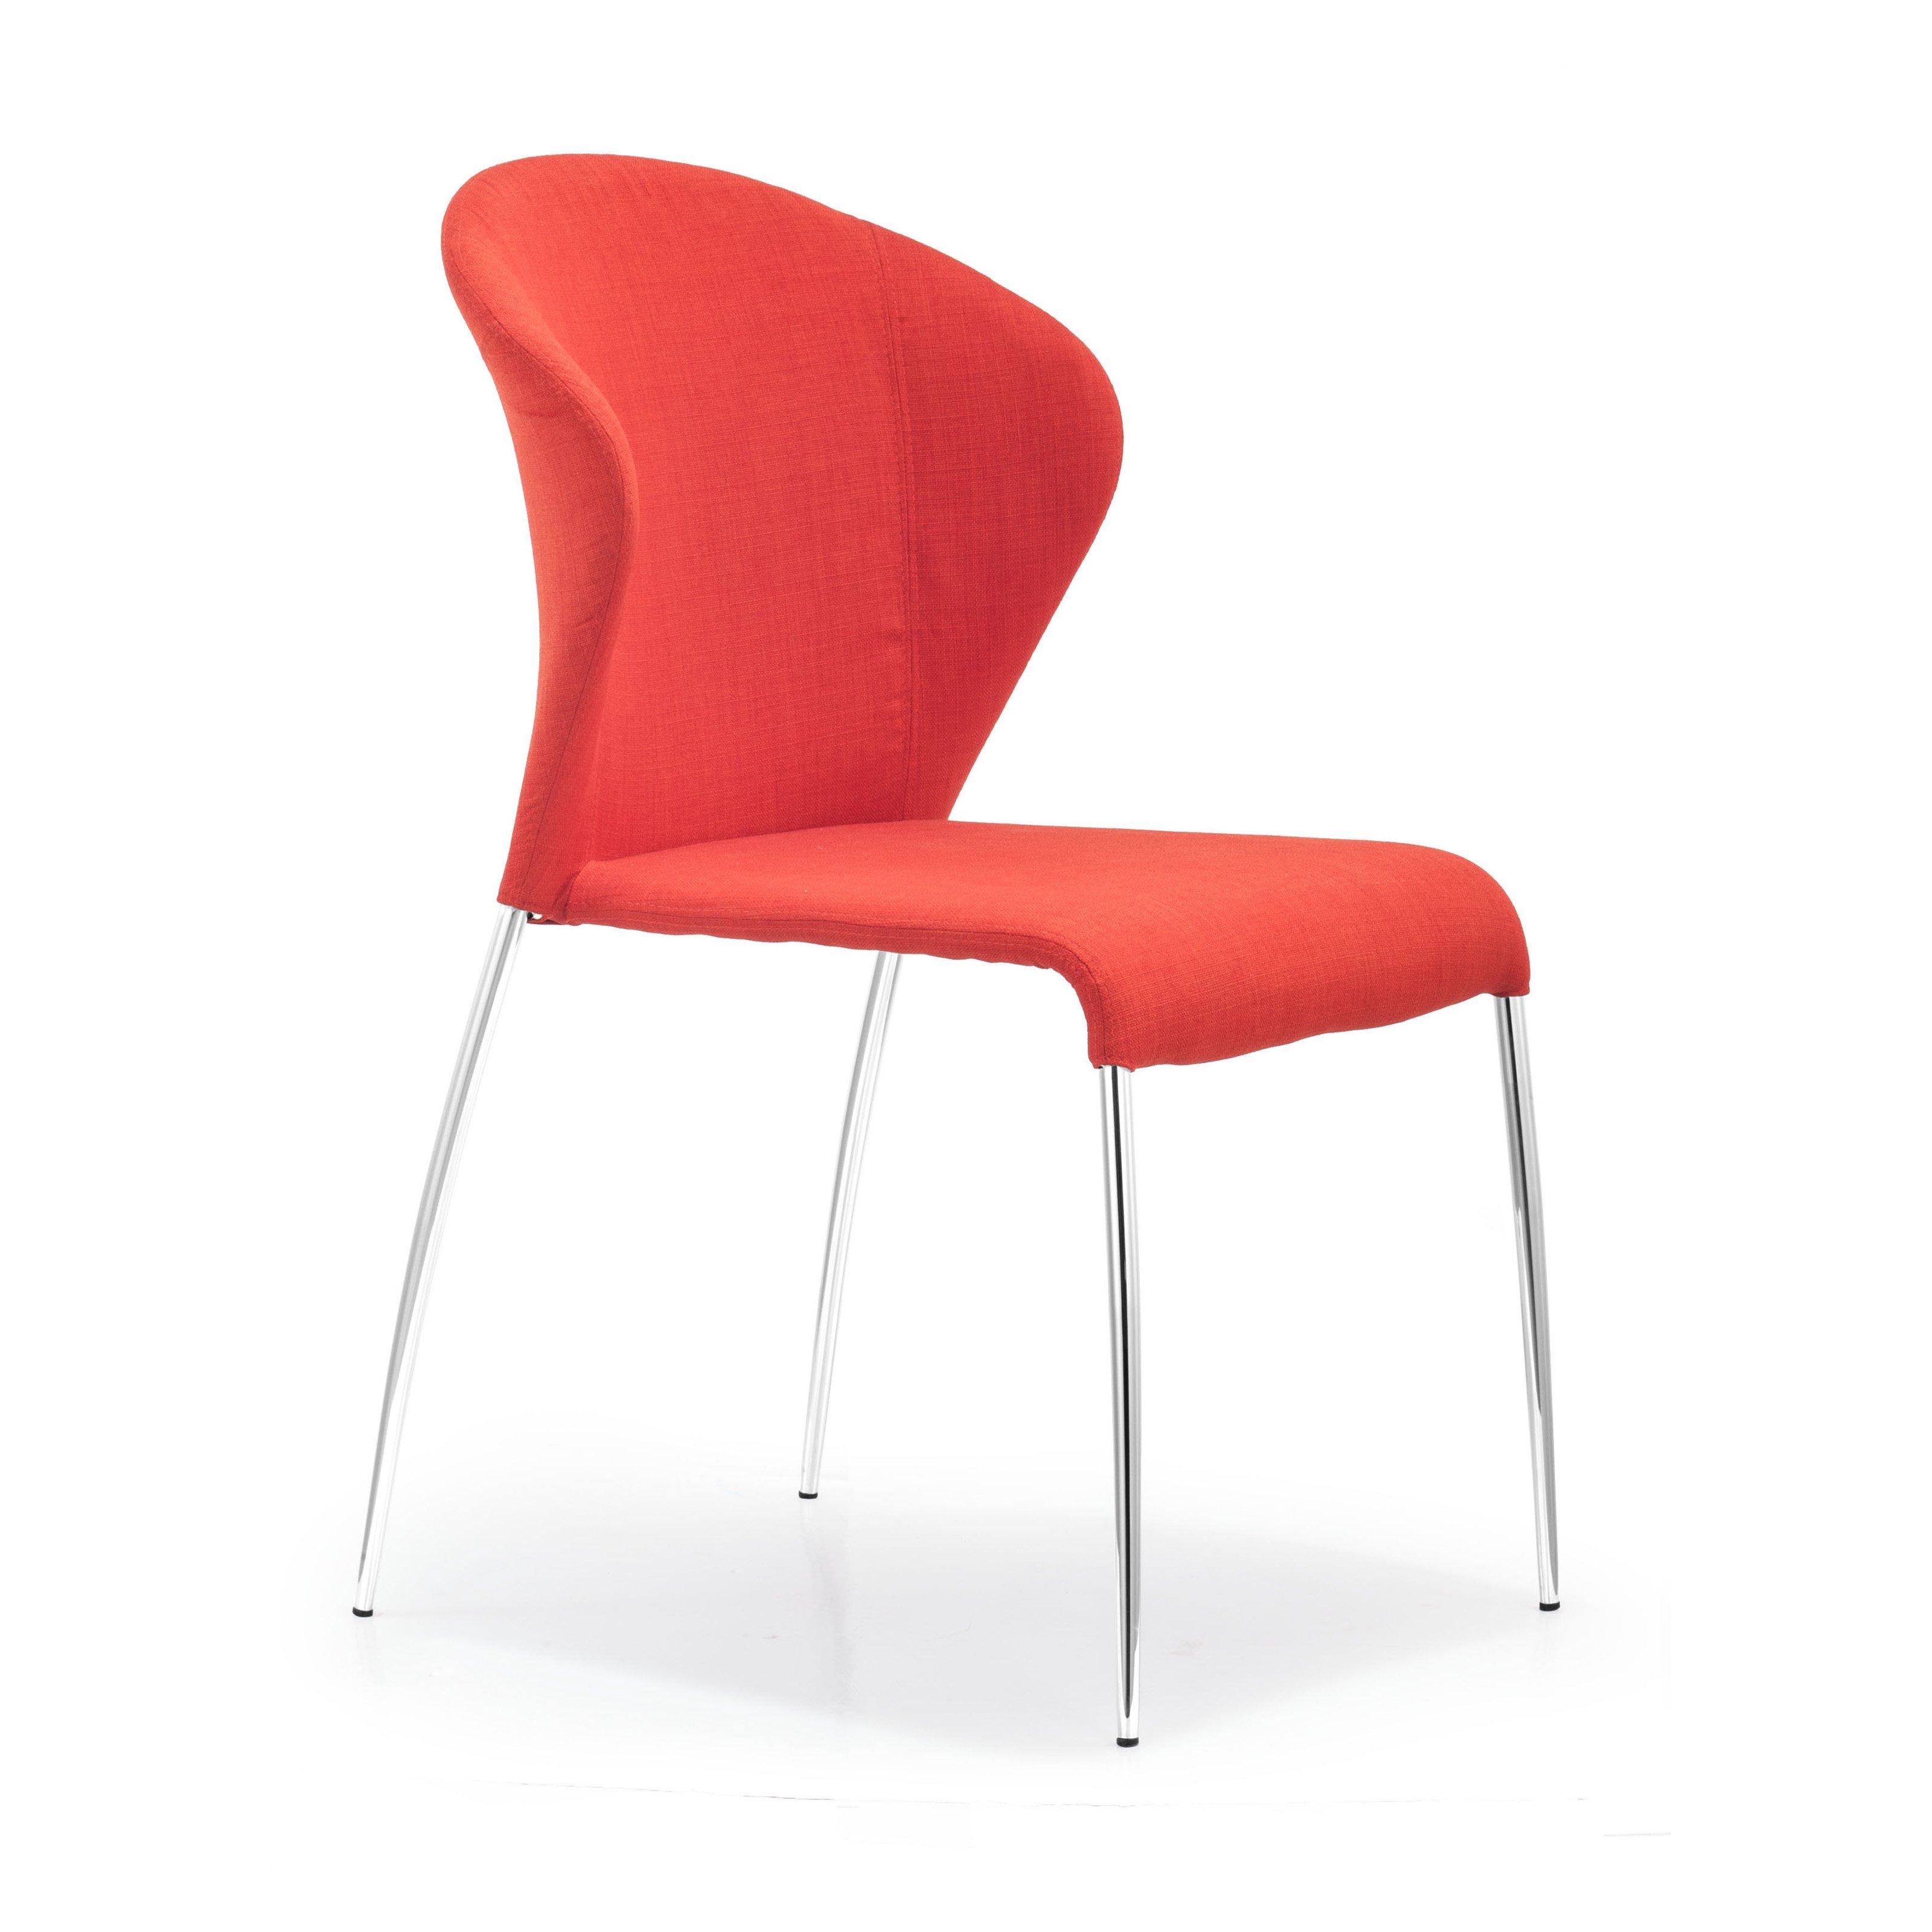 Zuo Modern Oulu Chair - Set of 2